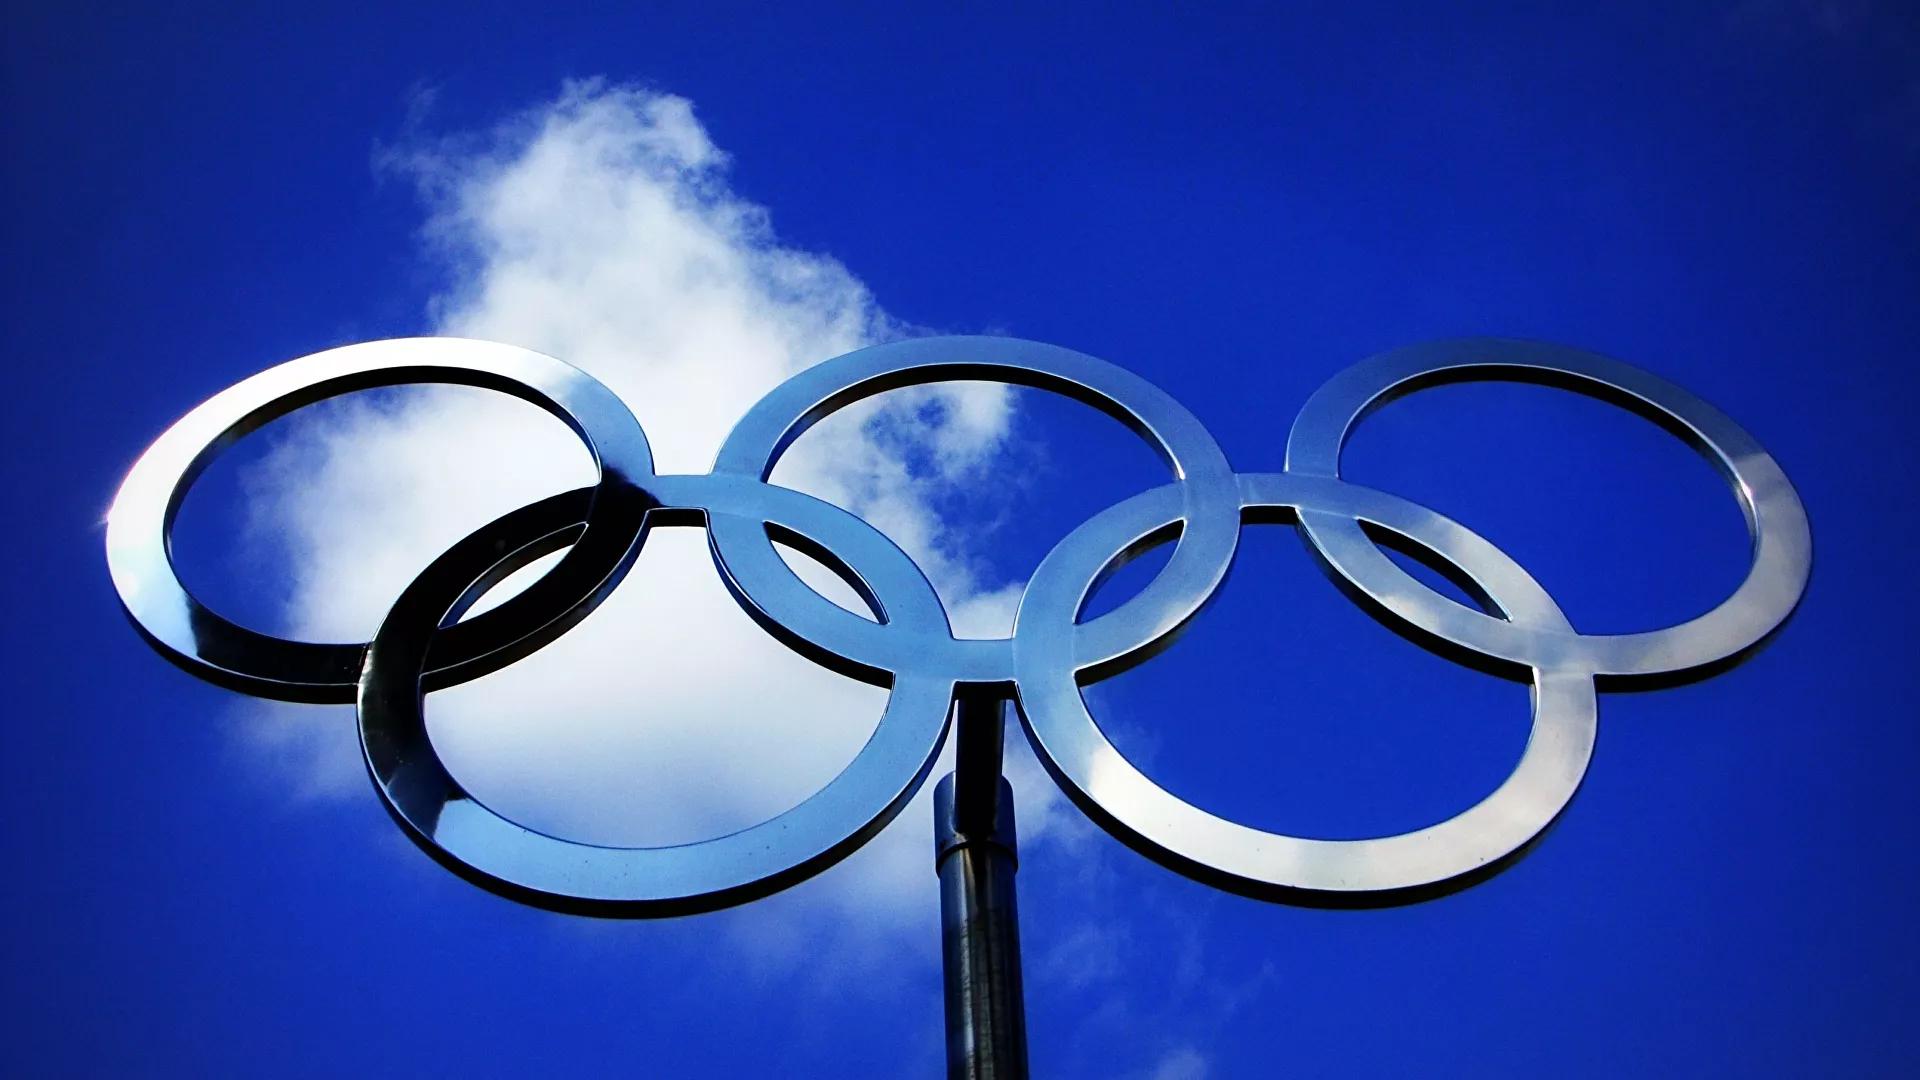 Токиогийн олимпыг цуцалж магадгүй